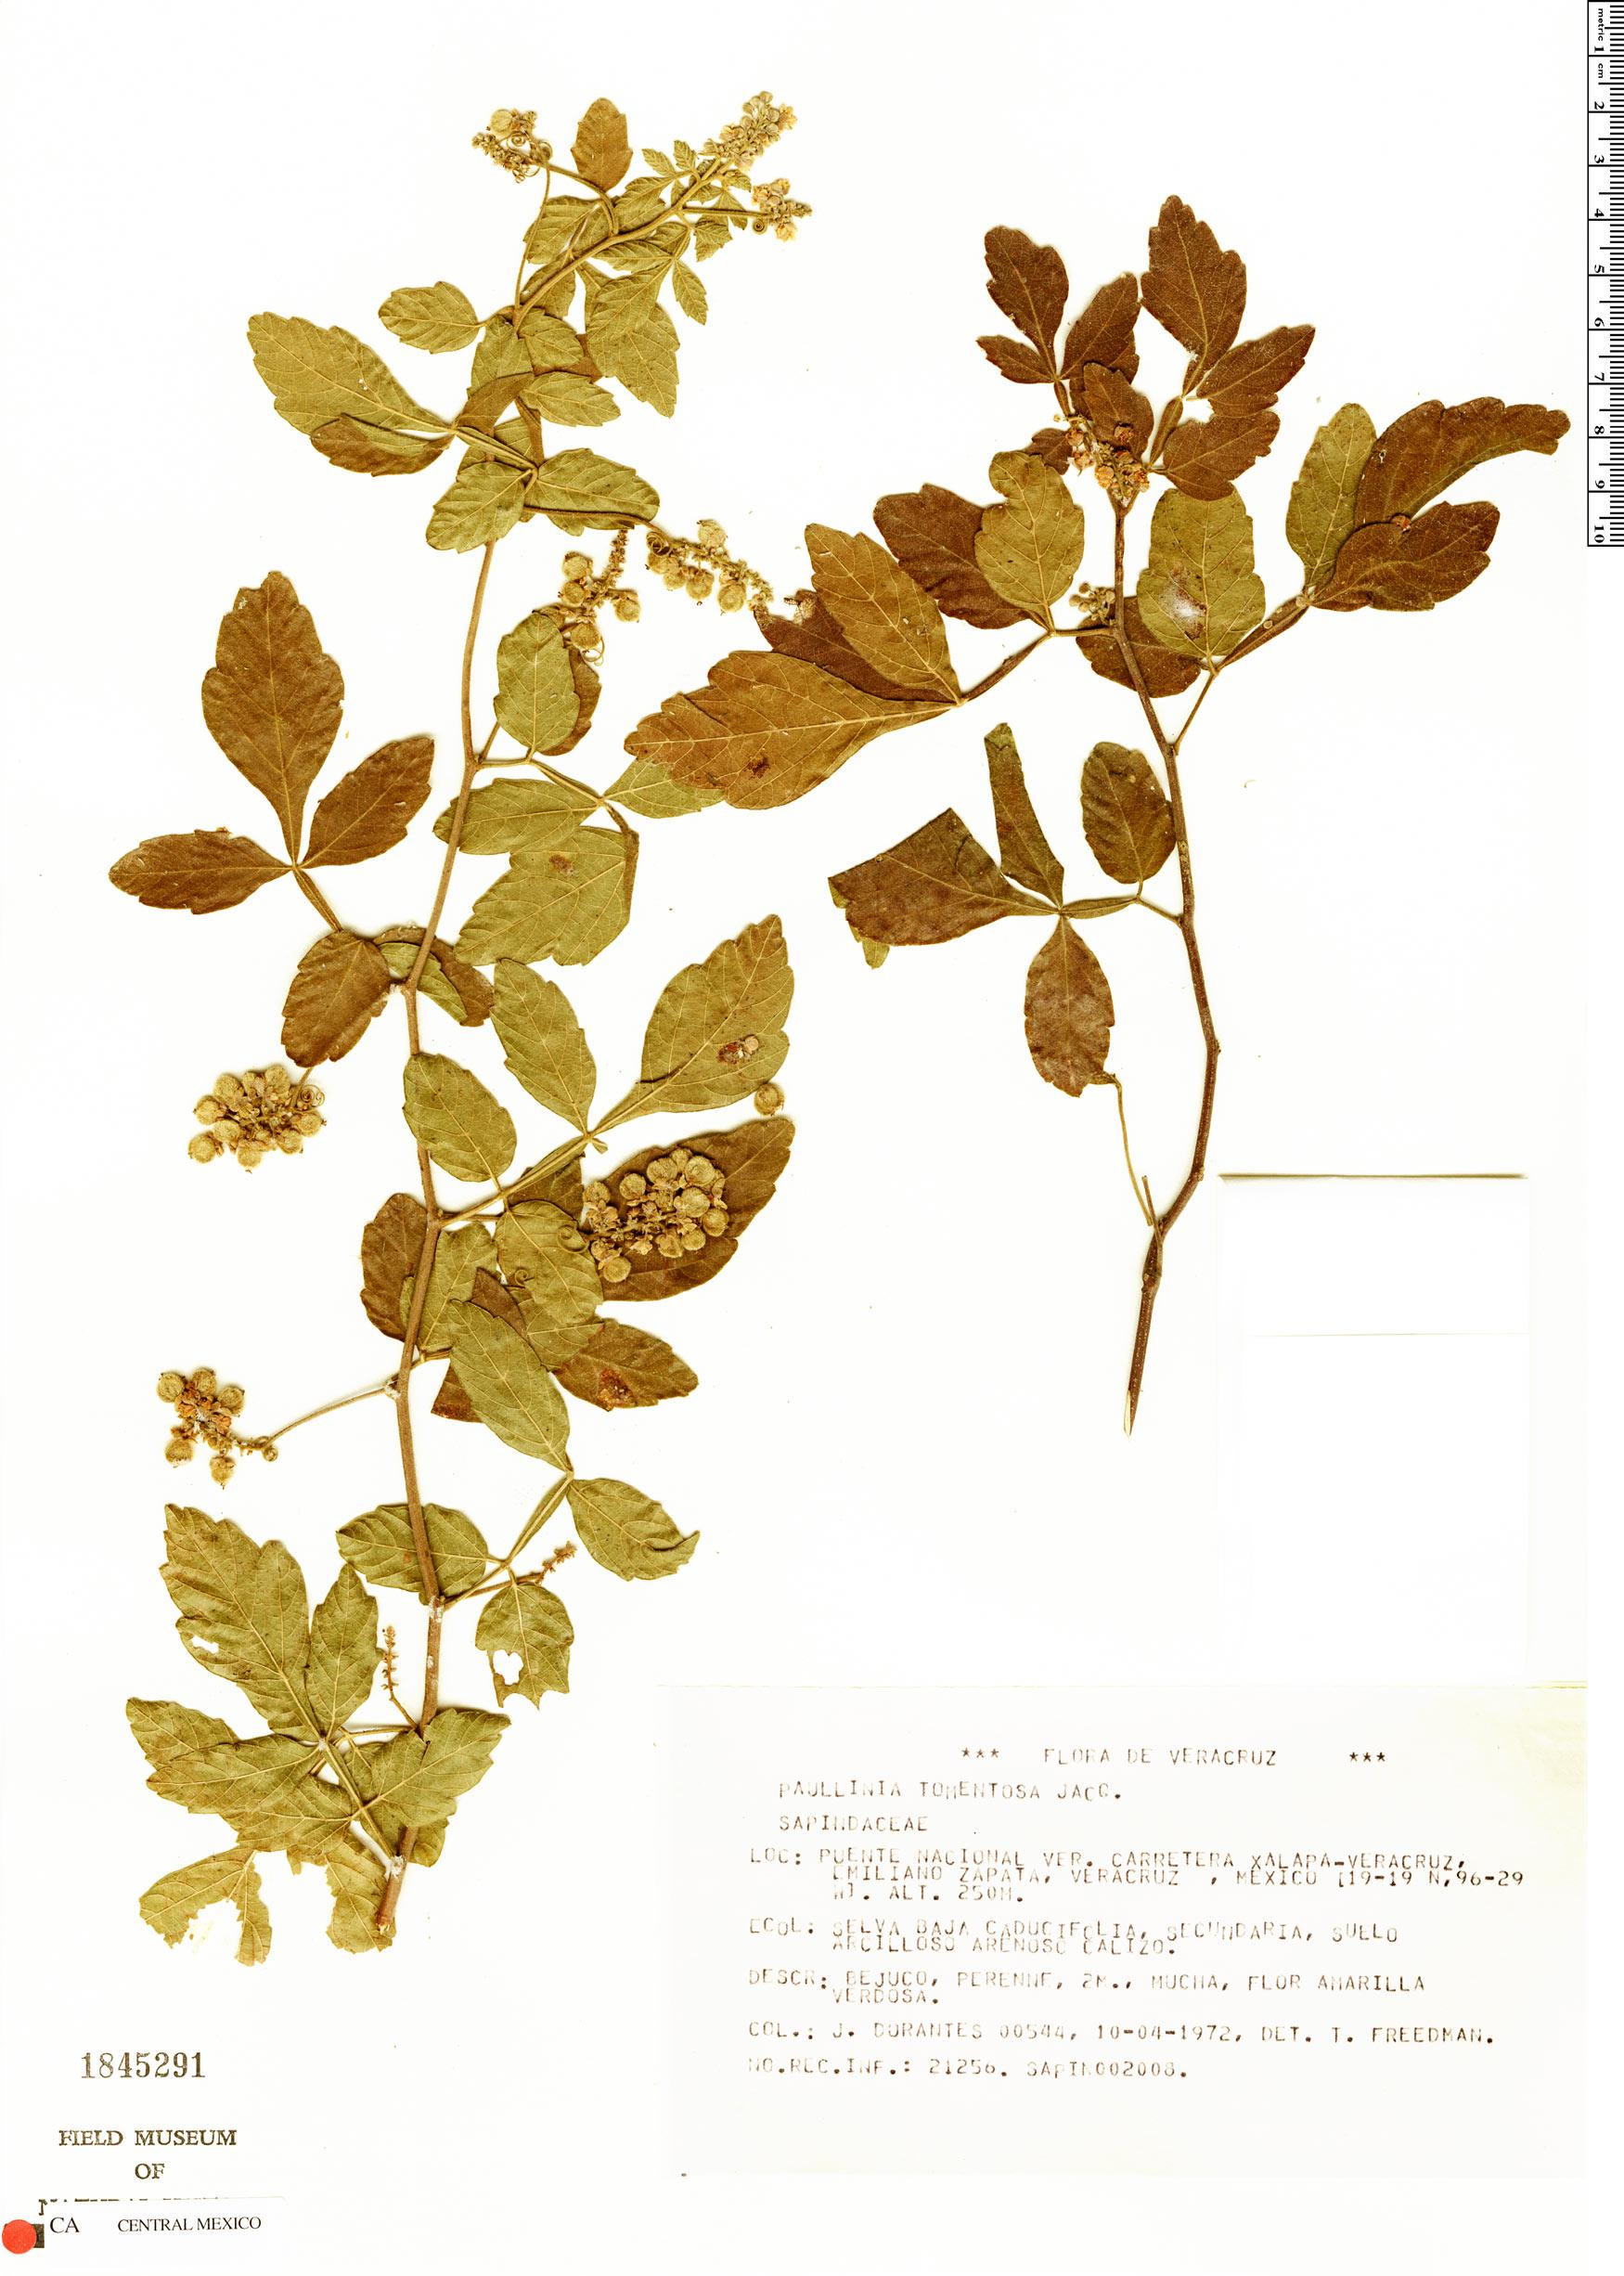 Specimen: Paullinia tomentosa